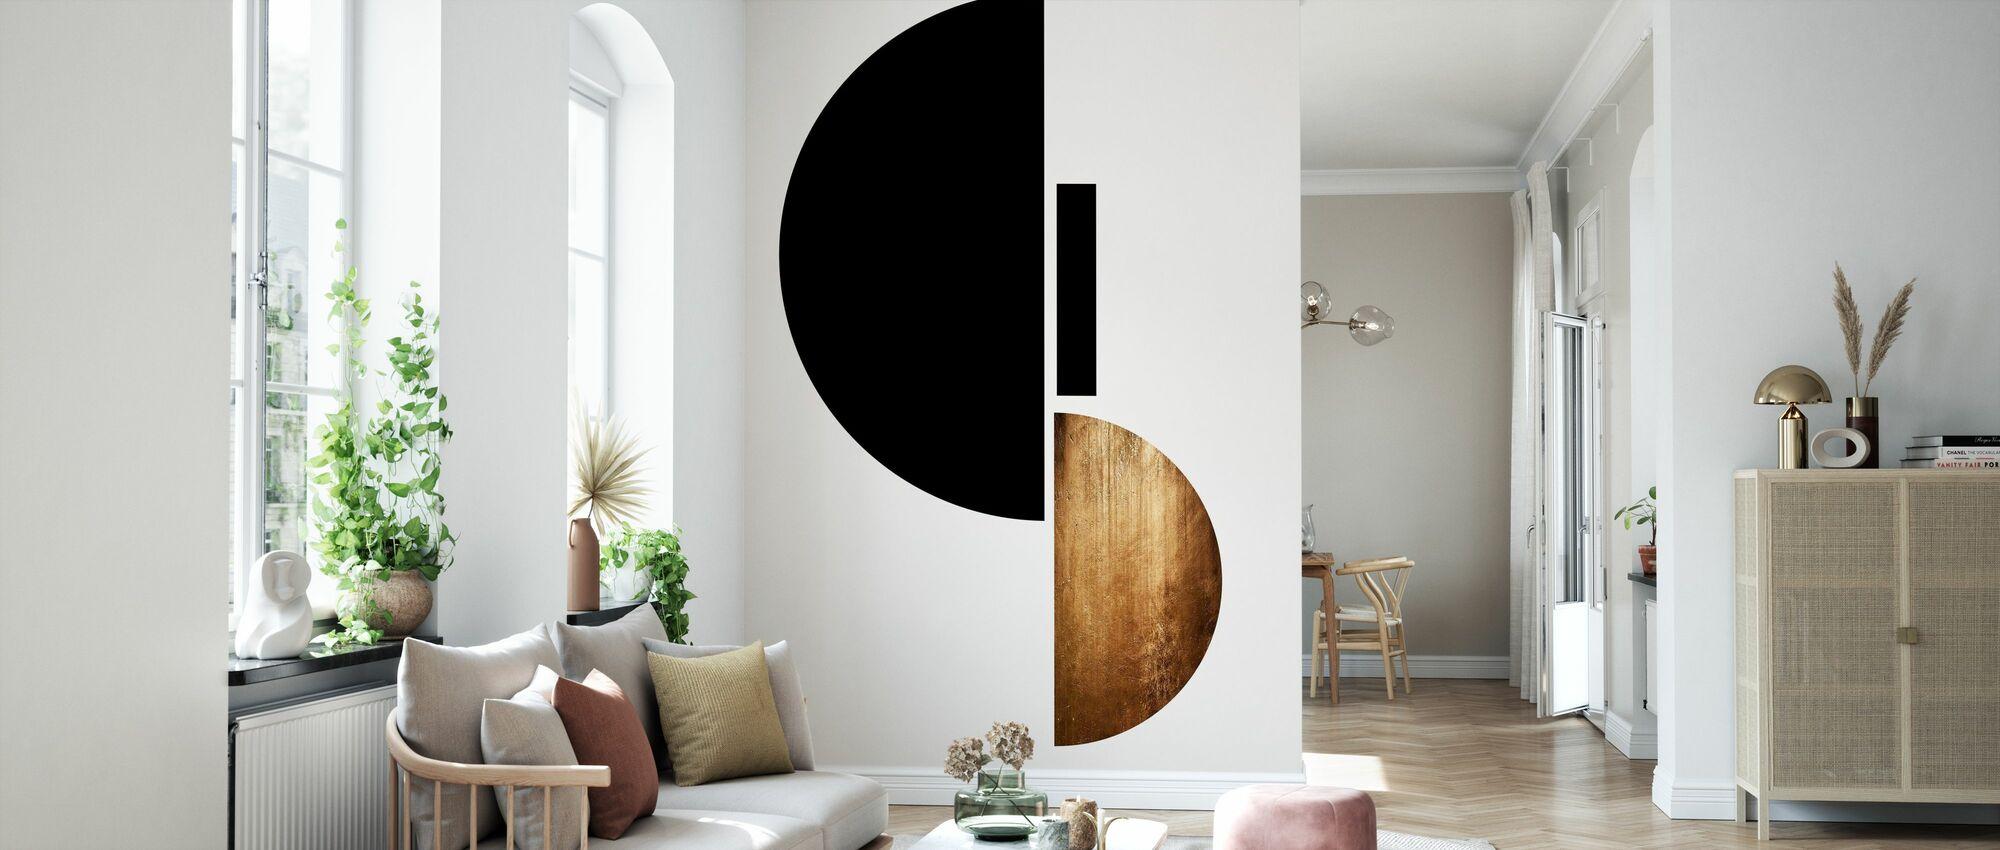 Form Nr. 3 - Tapete - Wohnzimmer